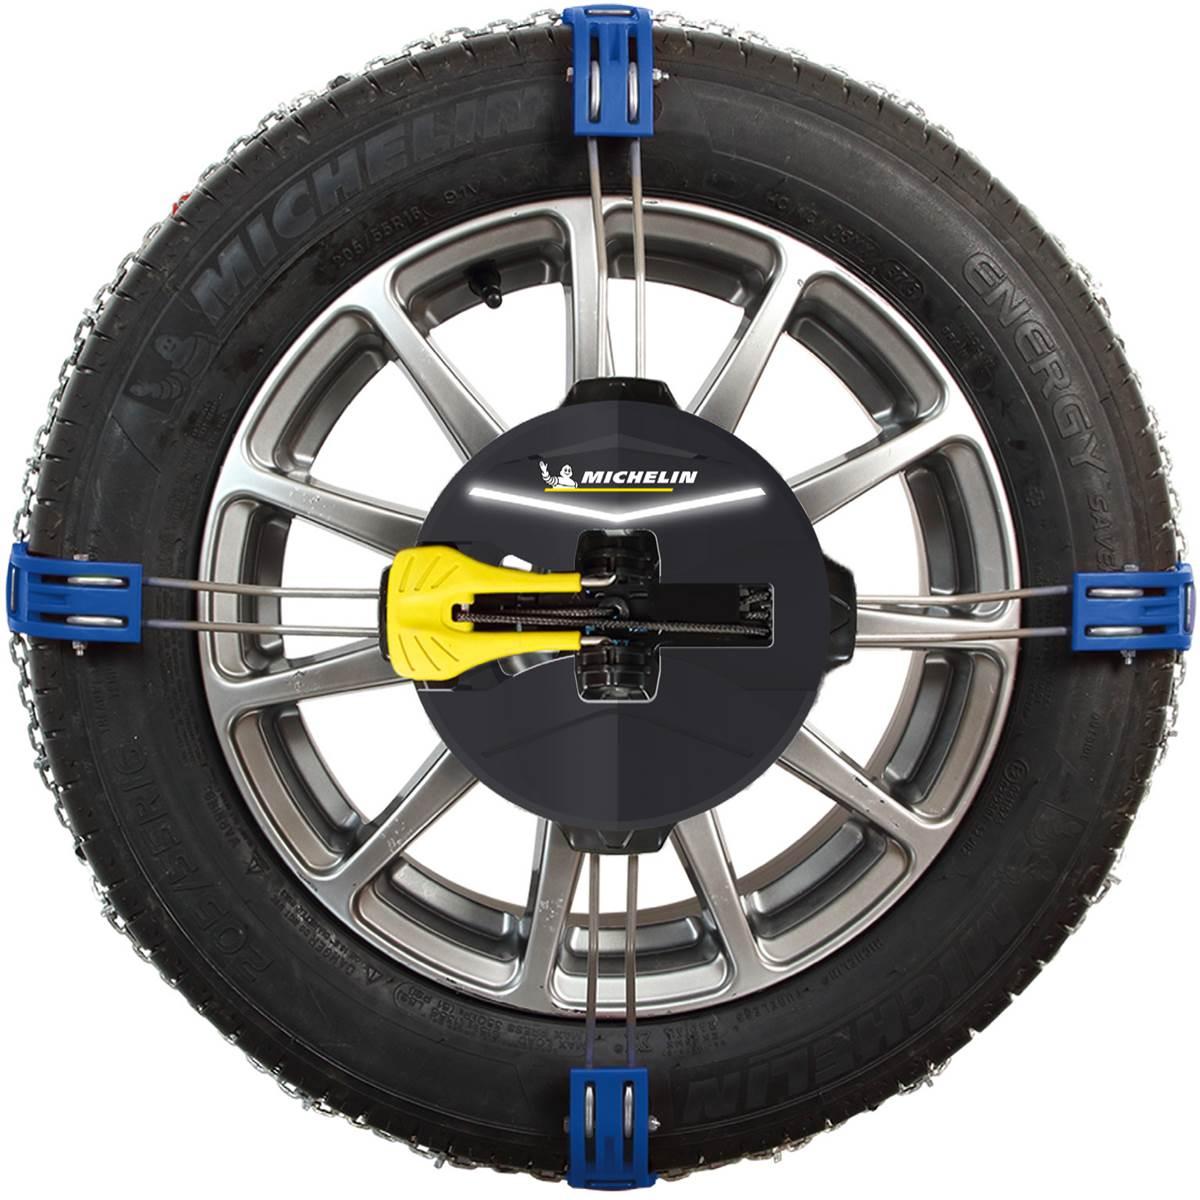 2 chaînes neige Fast Grip Michelin n°120